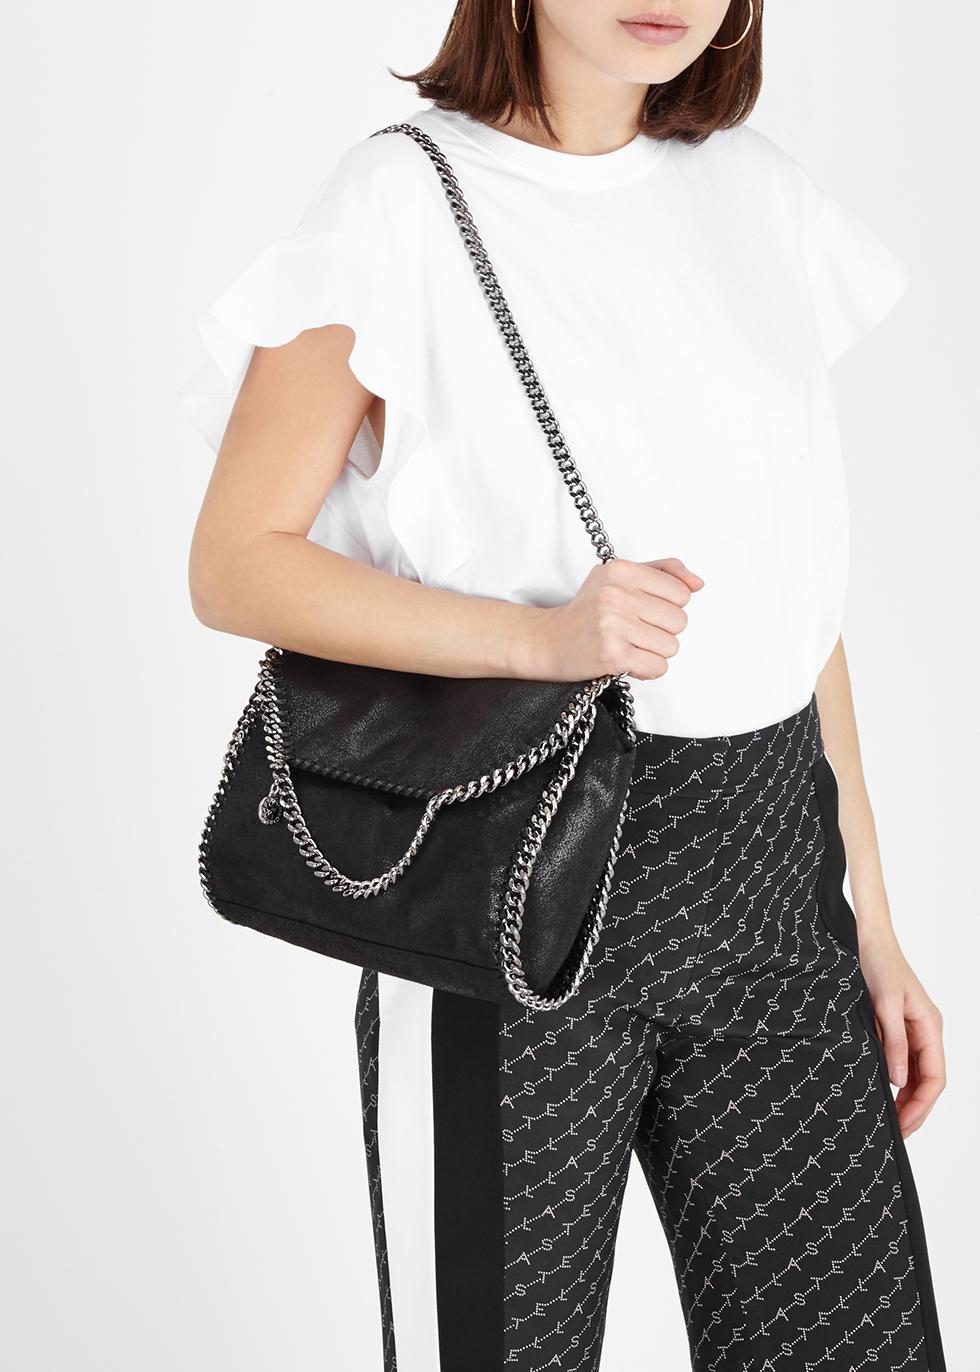 Stella McCartney Falabella faux suede shoulder bag - Harvey Nichols cfadcb6113